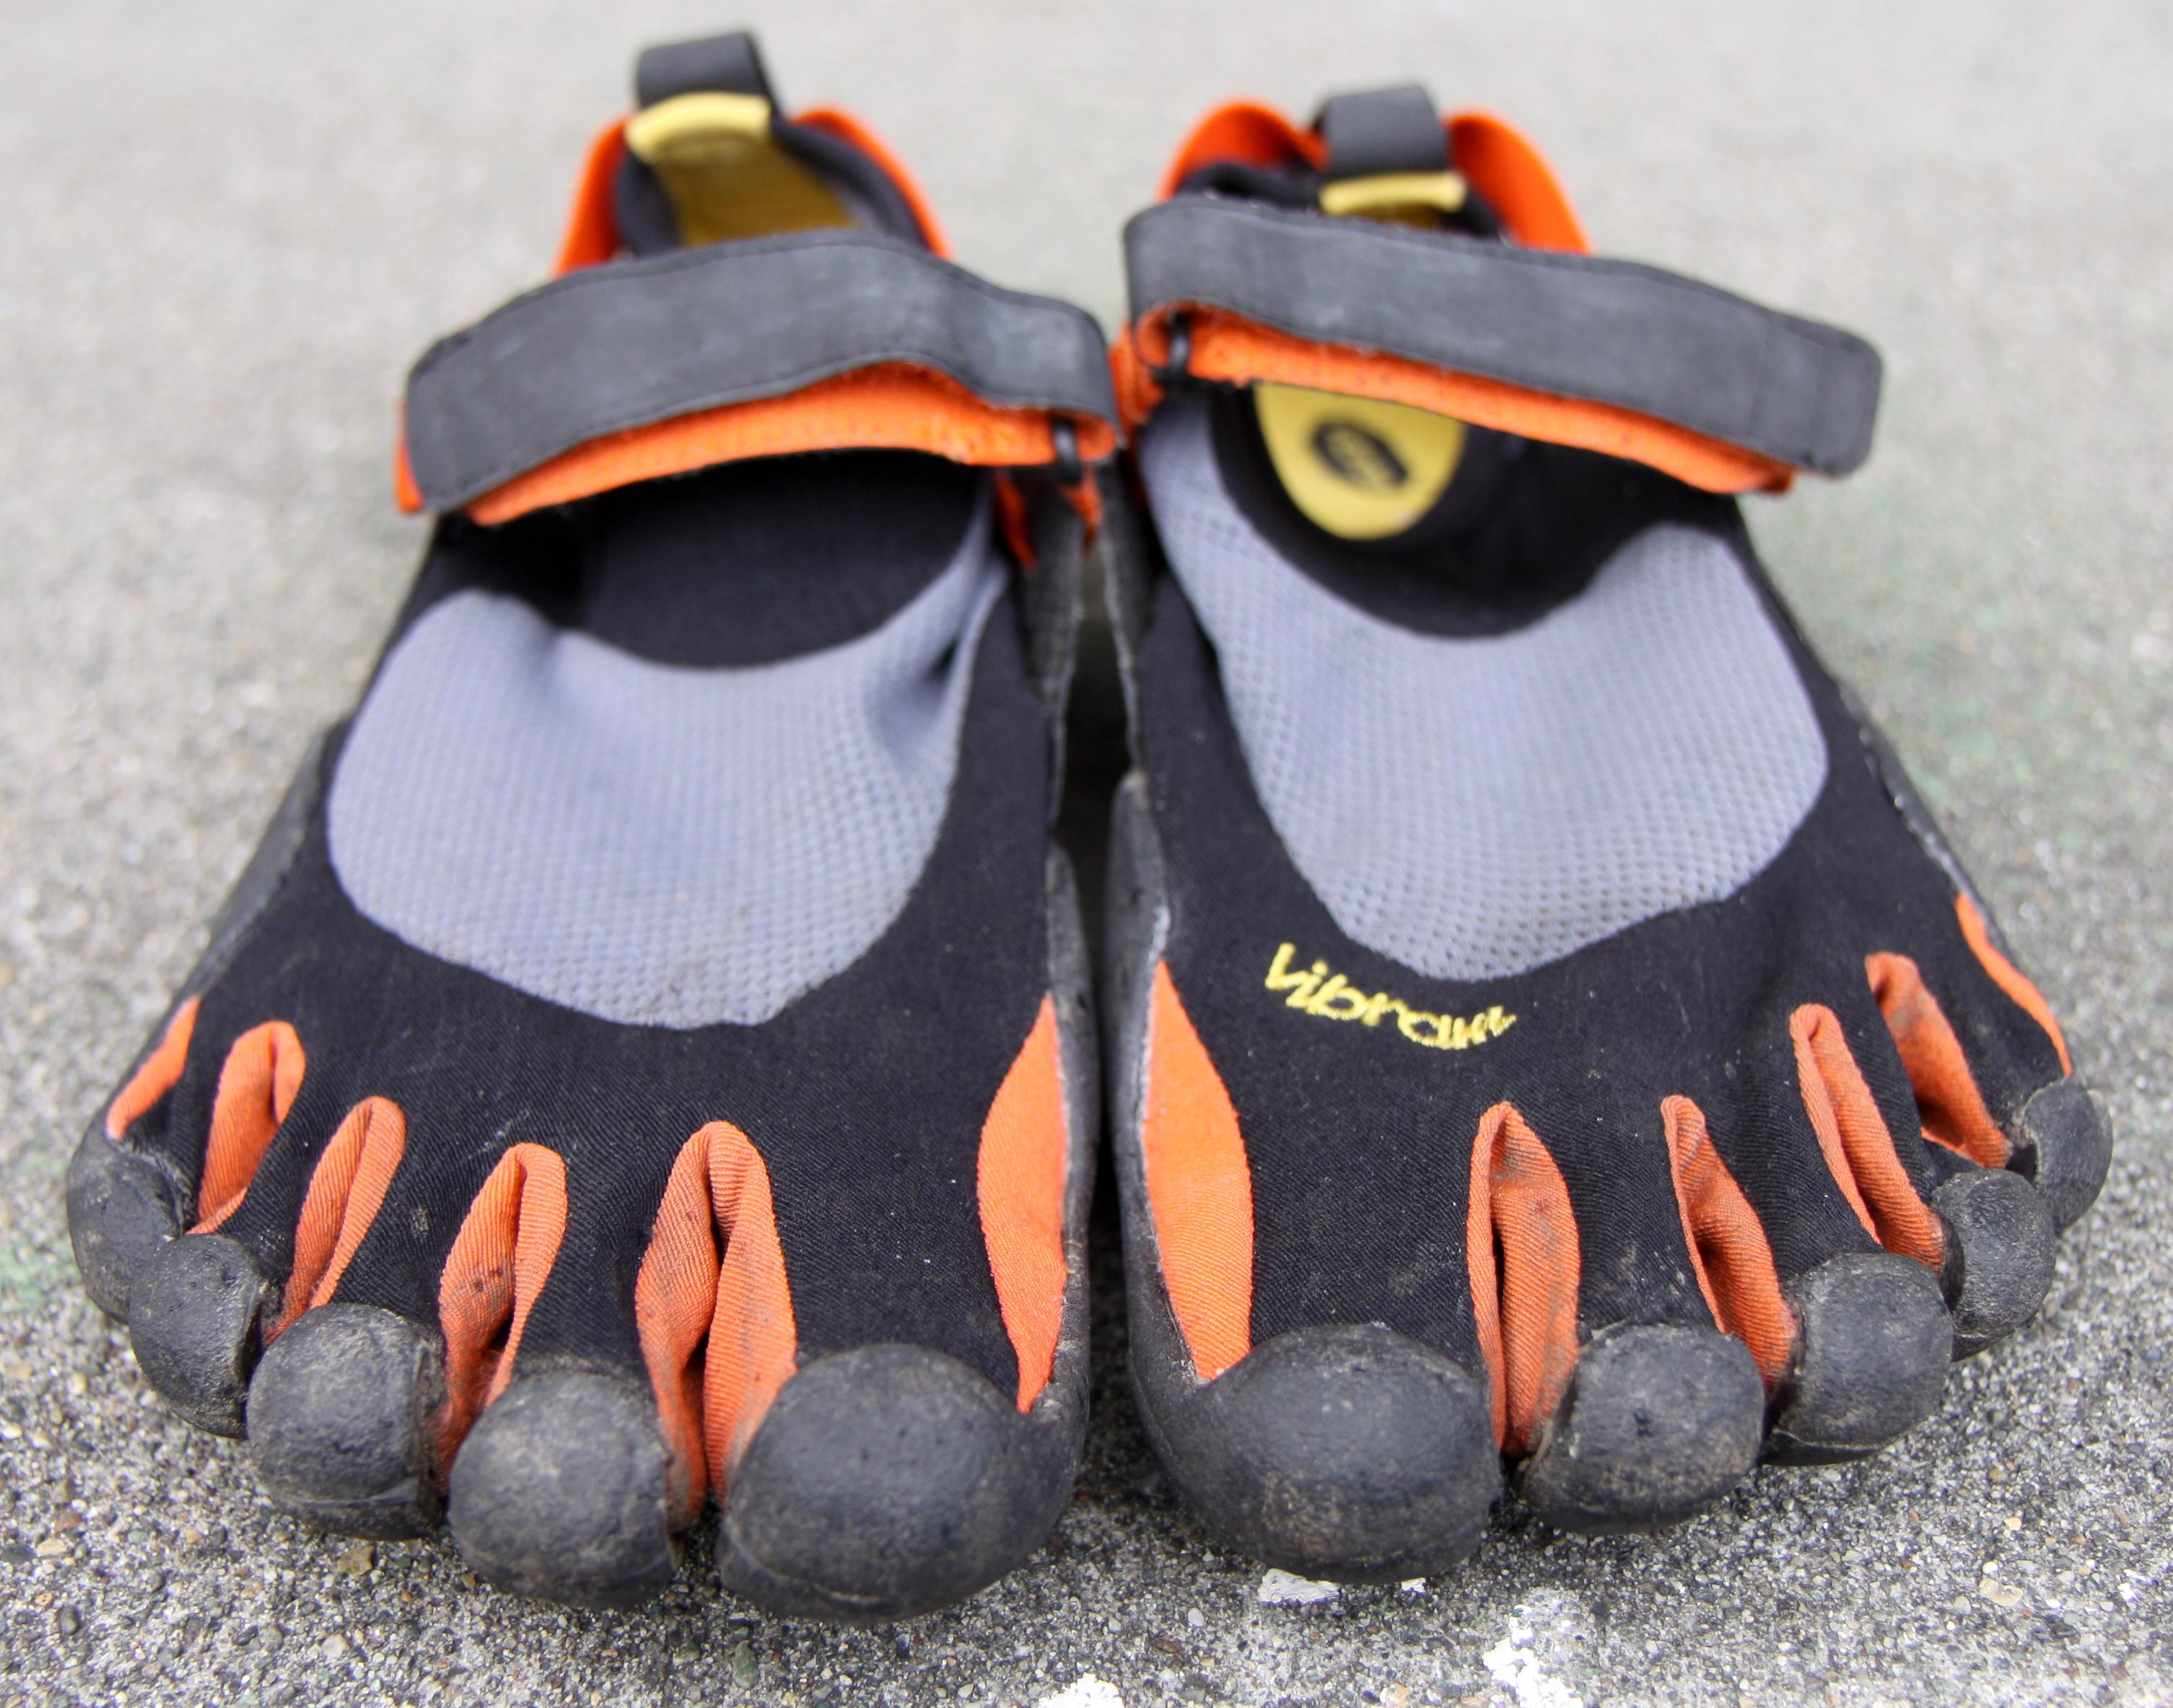 vibram flat feet